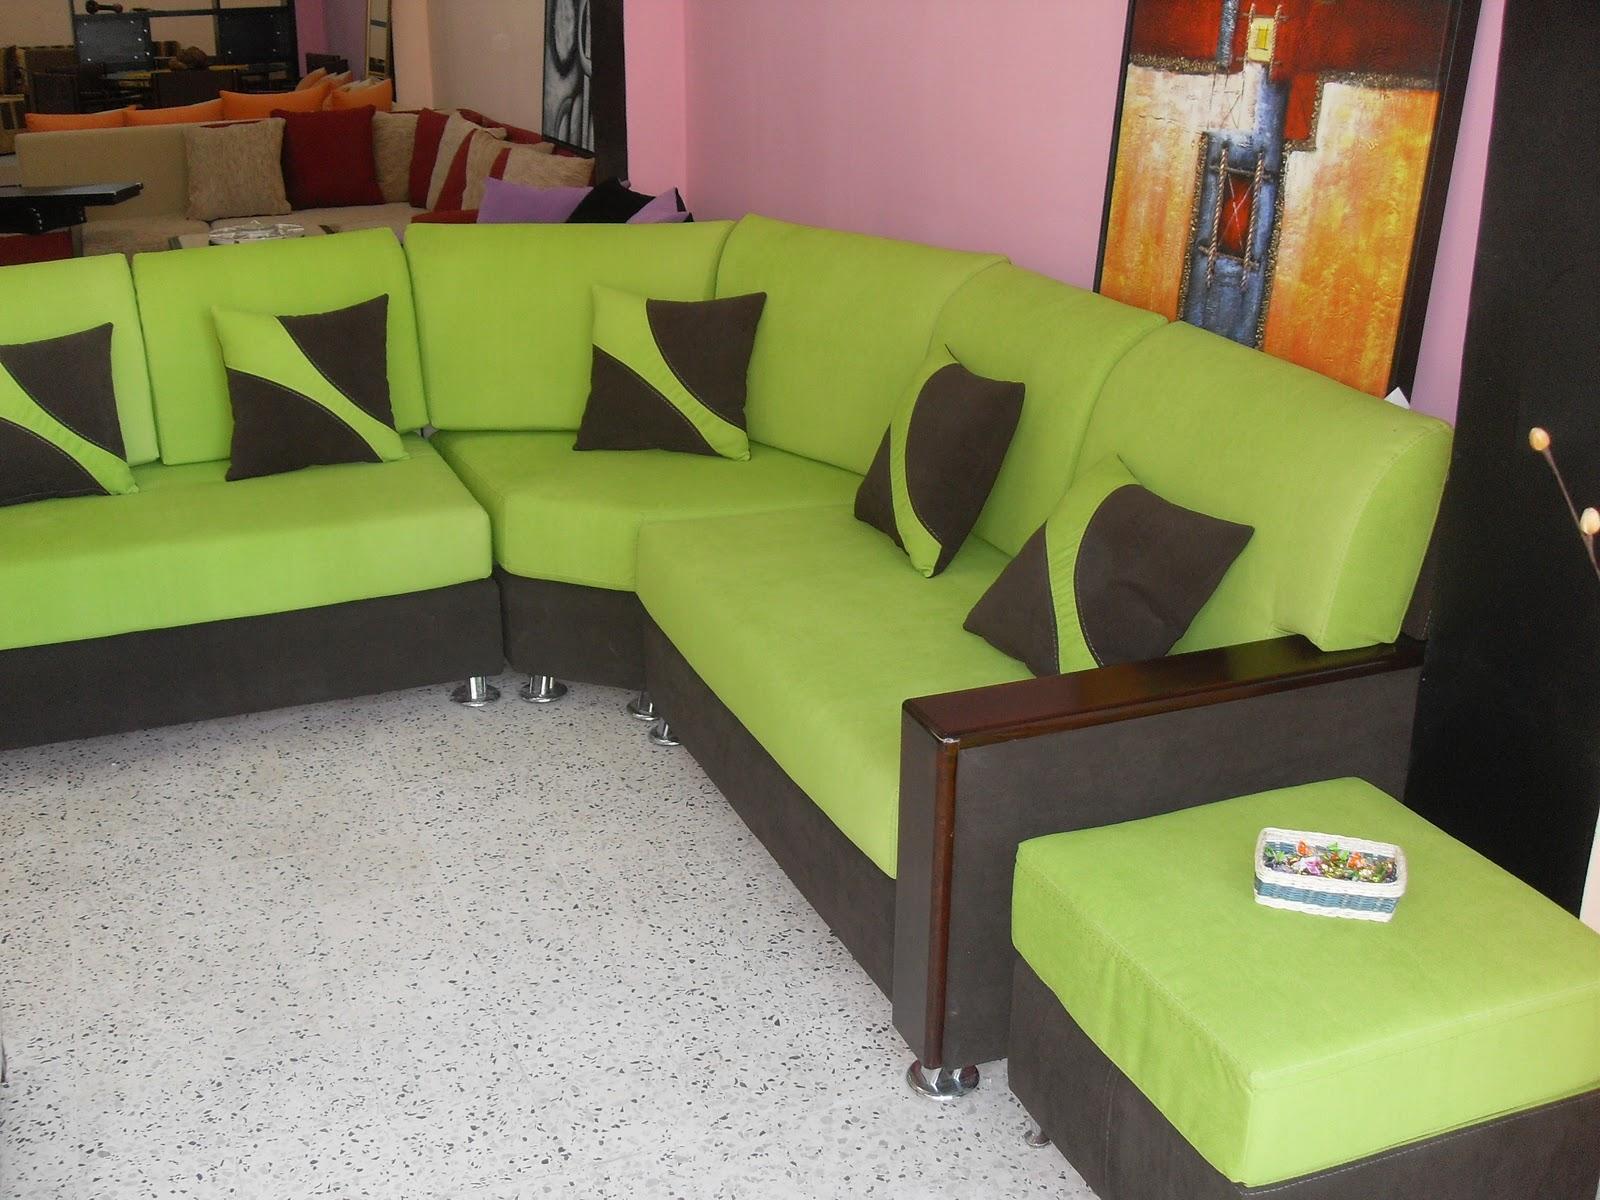 Salons meubles et déco: Quelques articles disponibles en boutique en ...